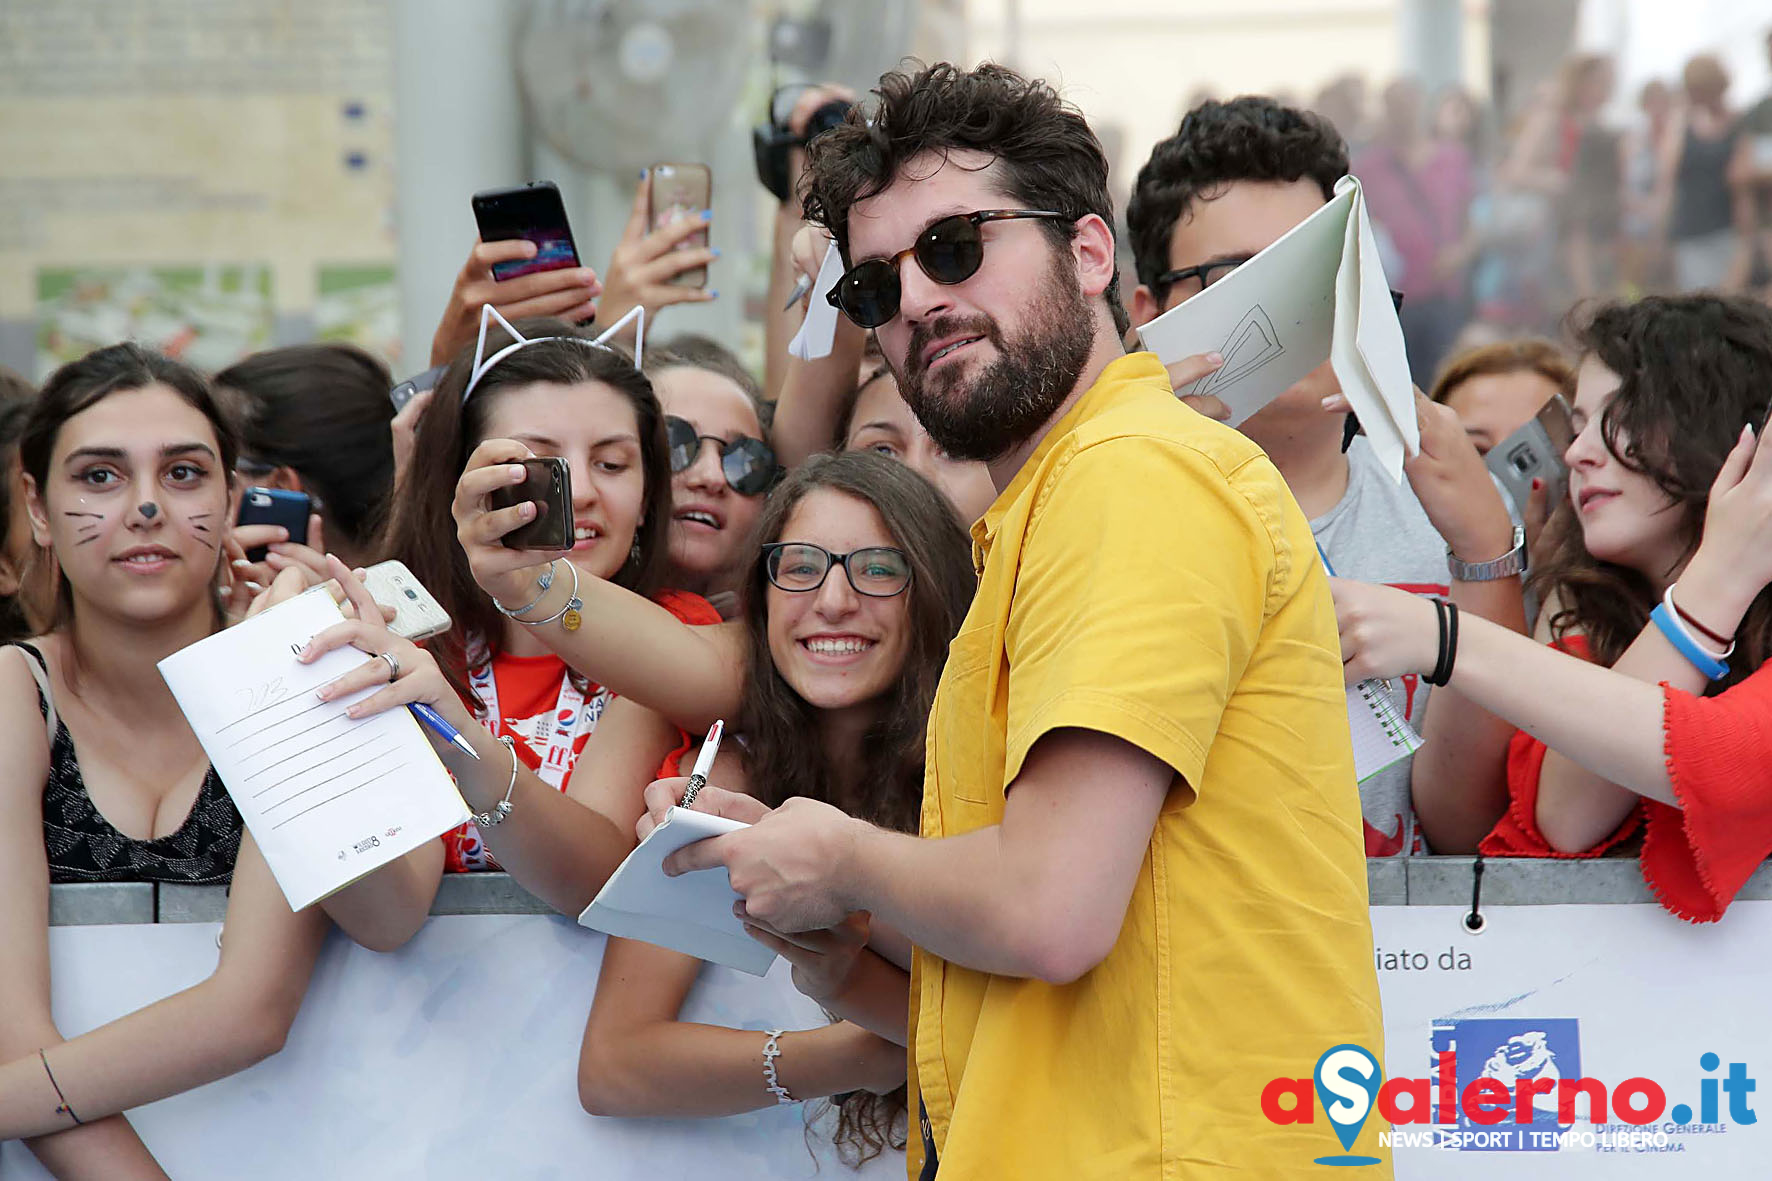 SAL - 22 07 2018 Giffoni film festival. Nella foto Frank Matano. Foto Tanopress